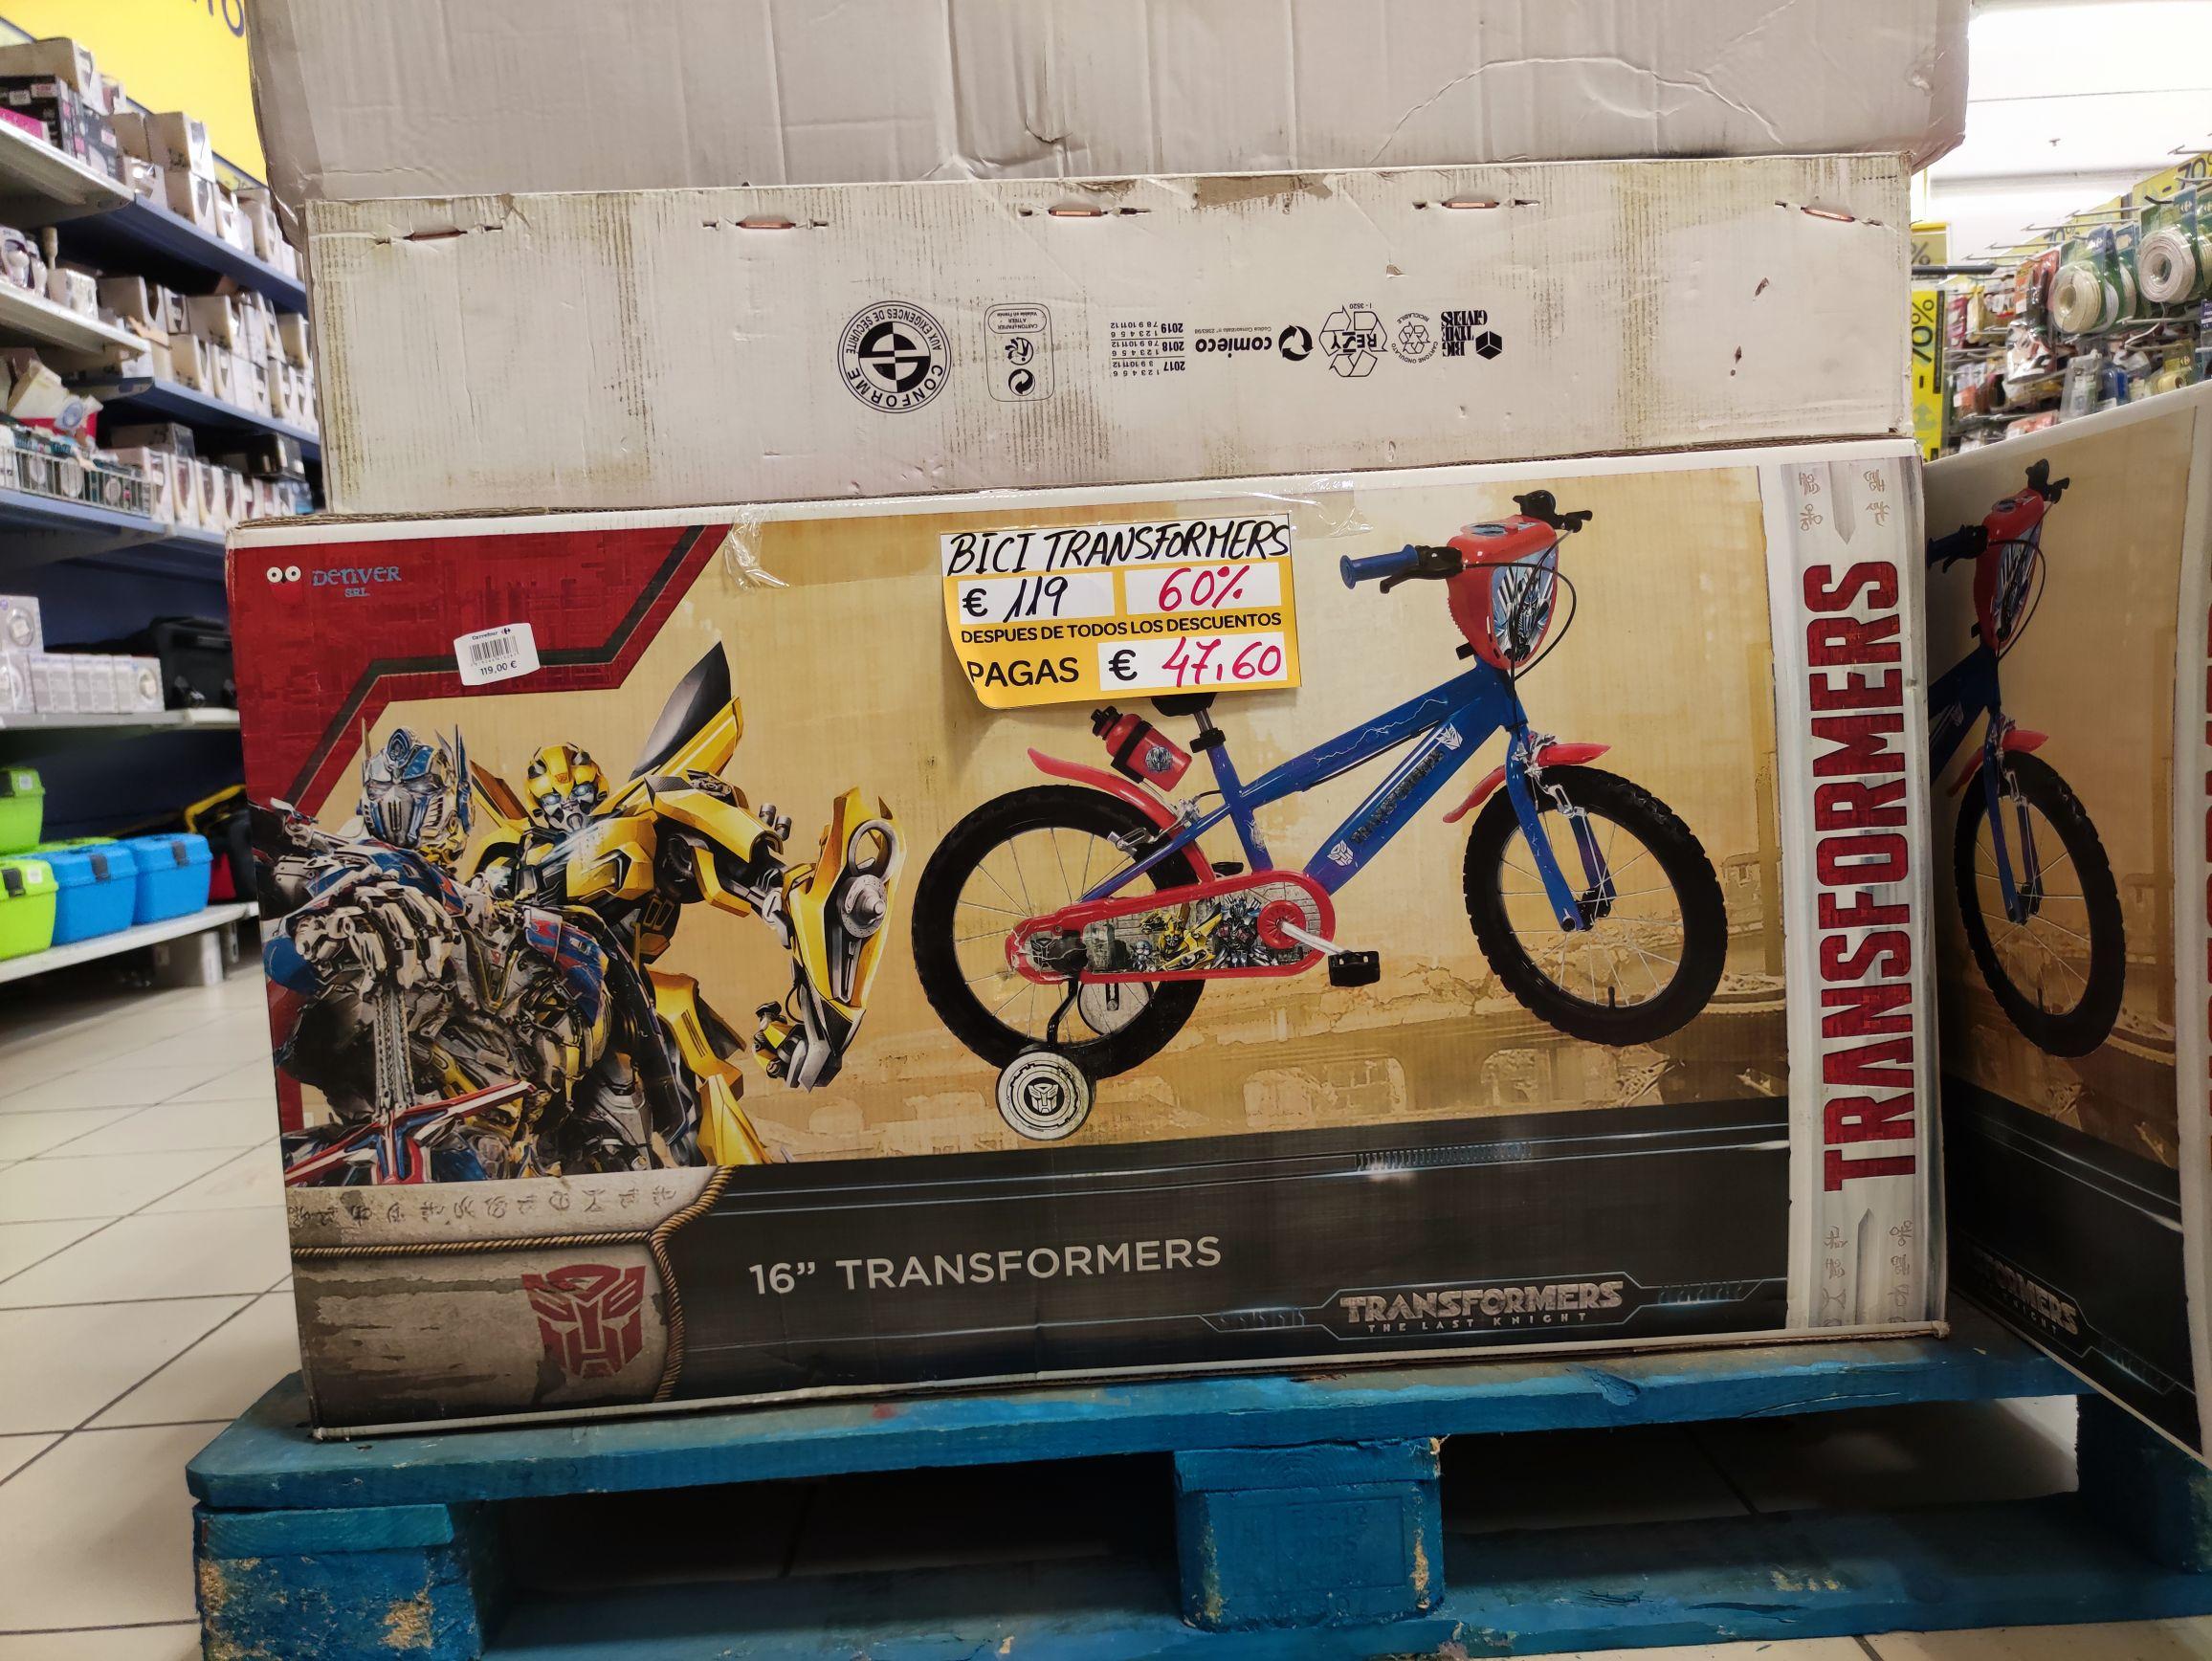 Bicicleta Transformers 16 en el Carrefour c.c. puerta de Alicante